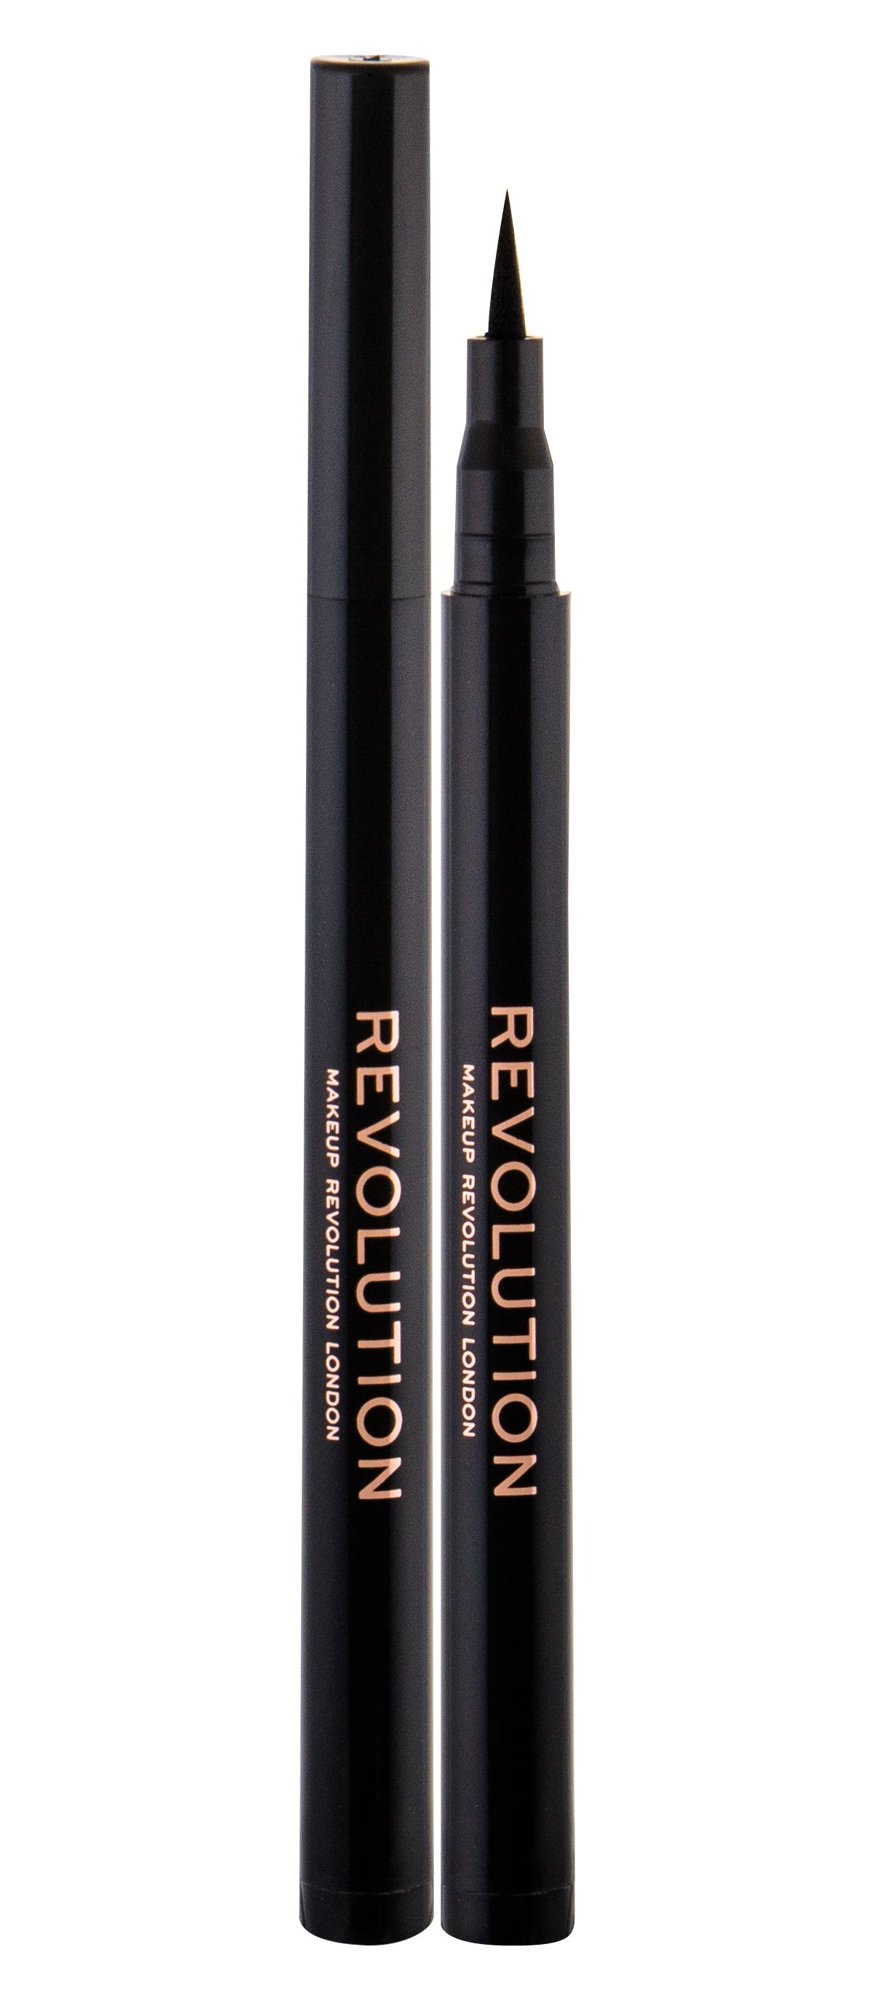 Makeup Revolution London The Liner Revolution Eye Line 1ml Intense Black